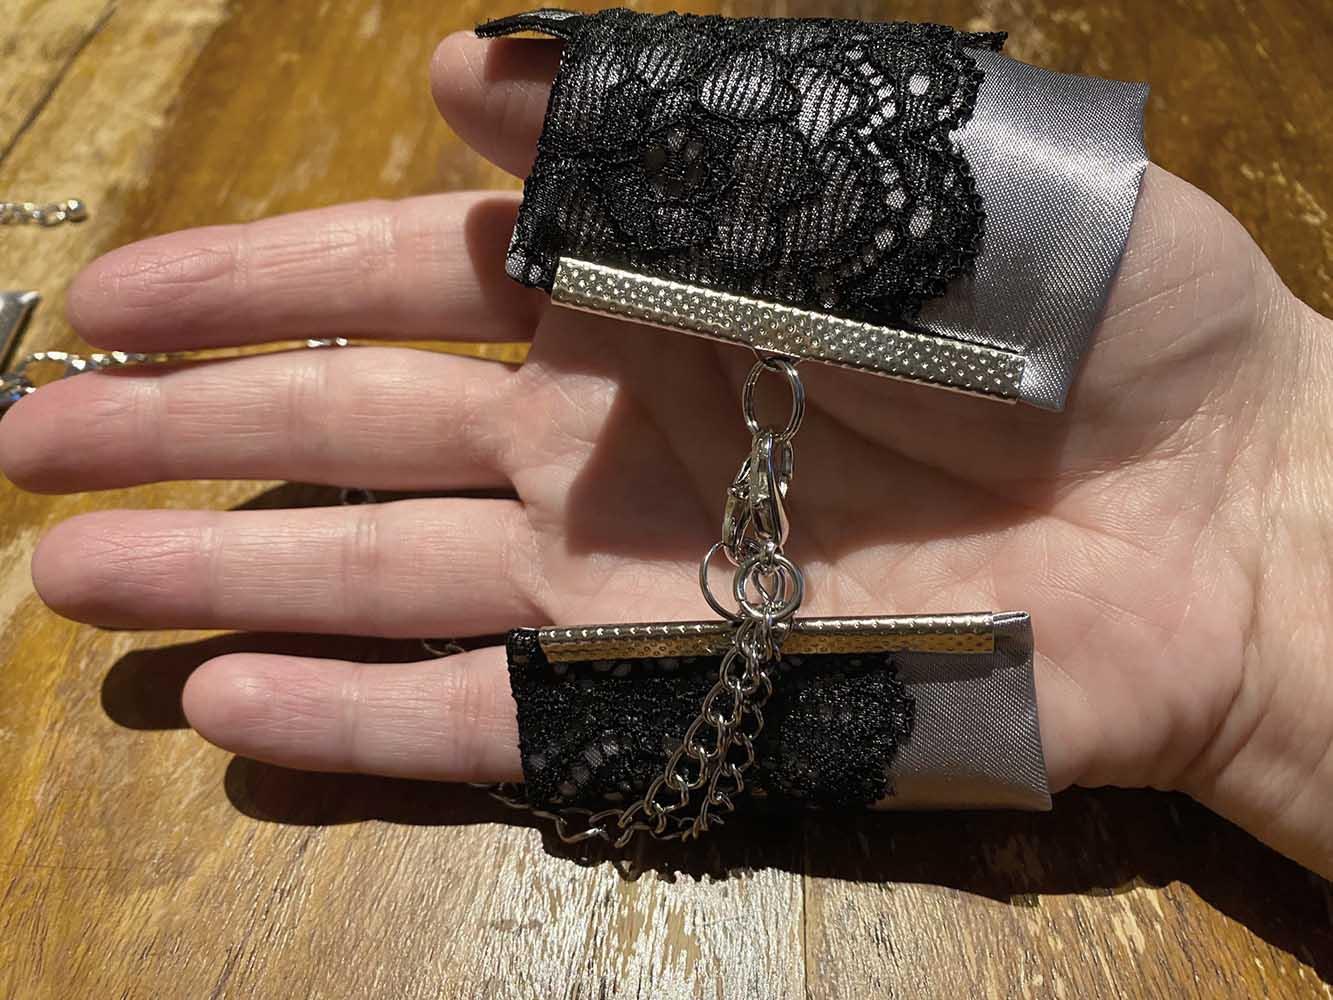 Die Fifty Shades of Grey Play Nice Handfesseln kannst du hier um die Hand gelegt ansehen.